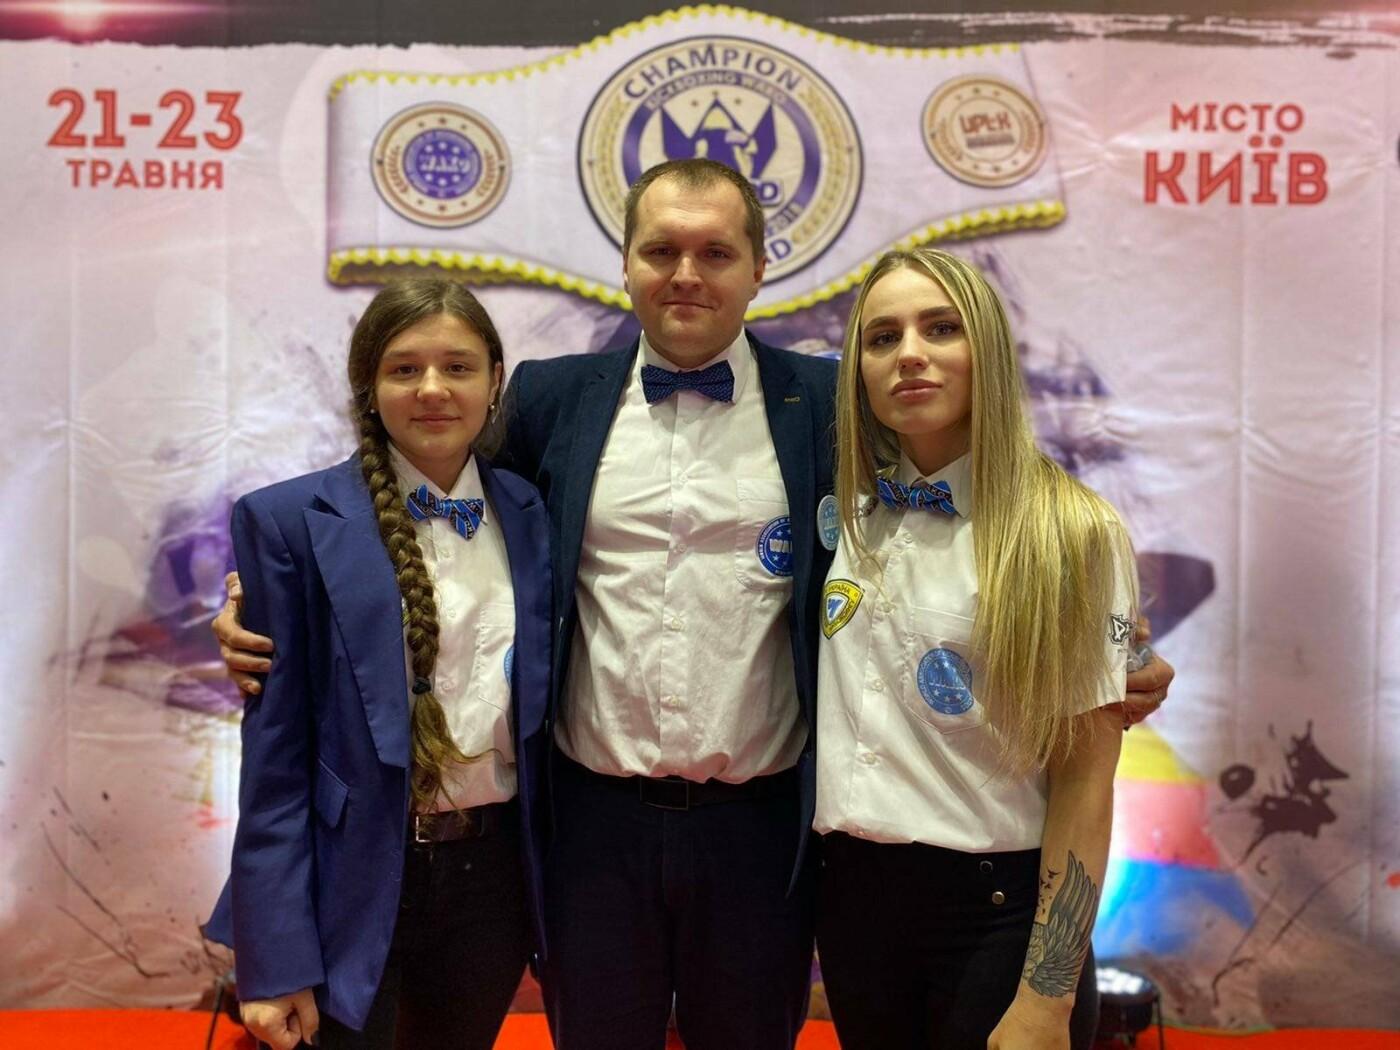 Кікбоксери із Кам'янця підкорювали всеукраїнський турнір у столиці, фото-1